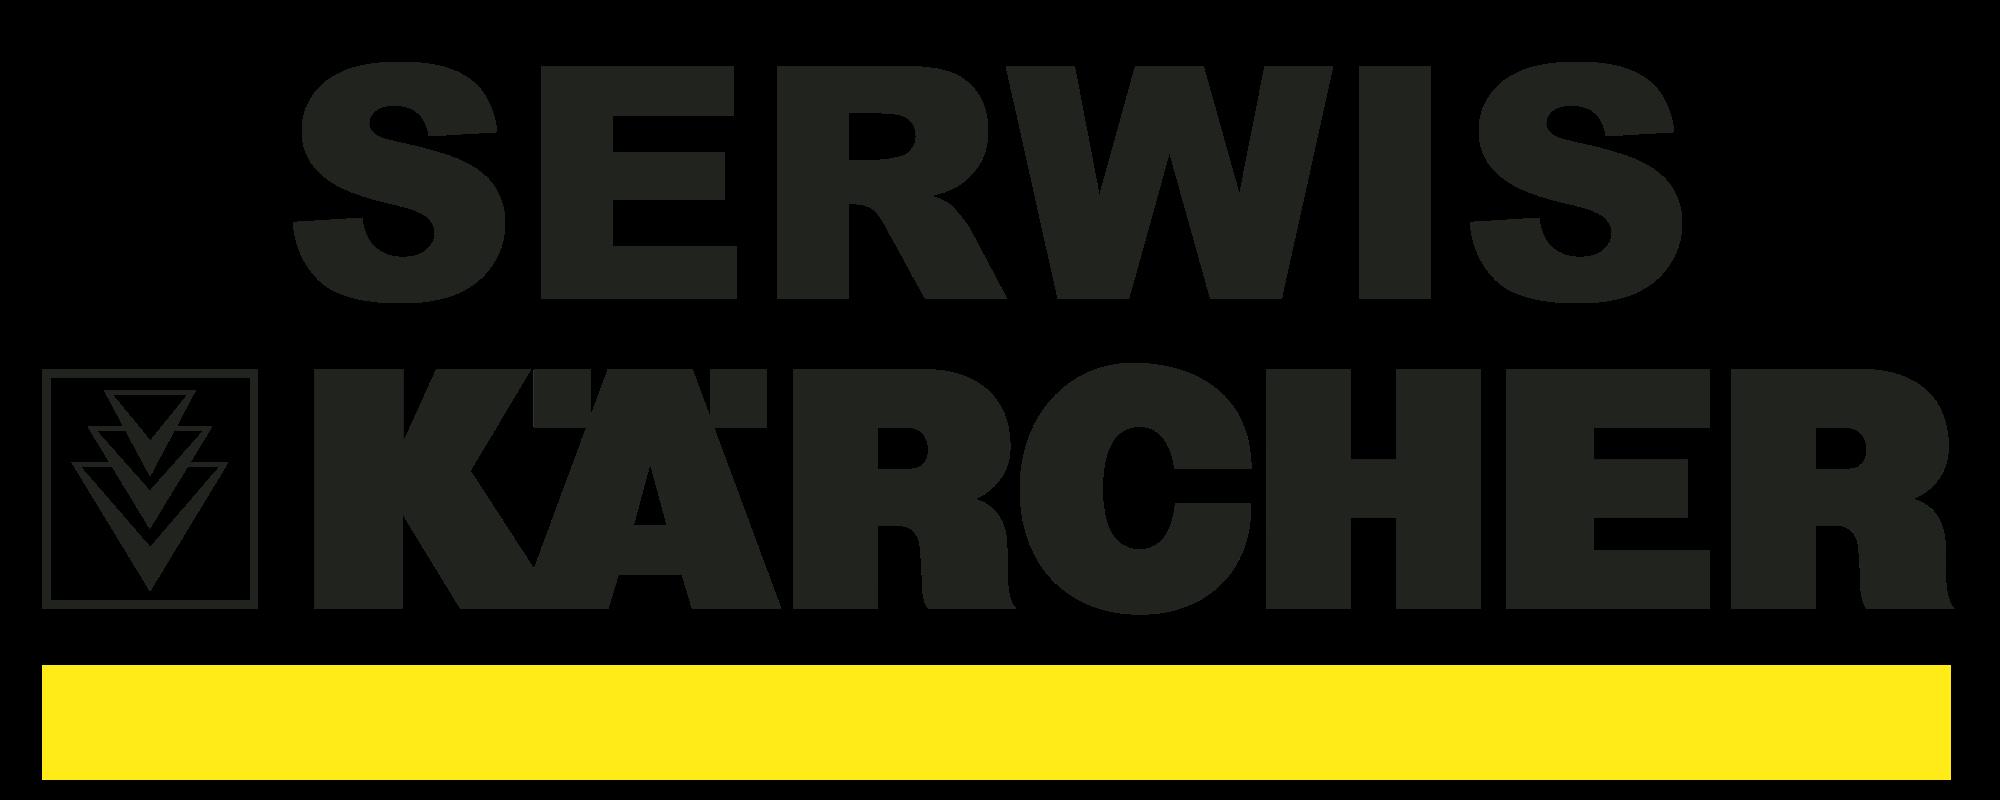 Serwis Karcher Katowice